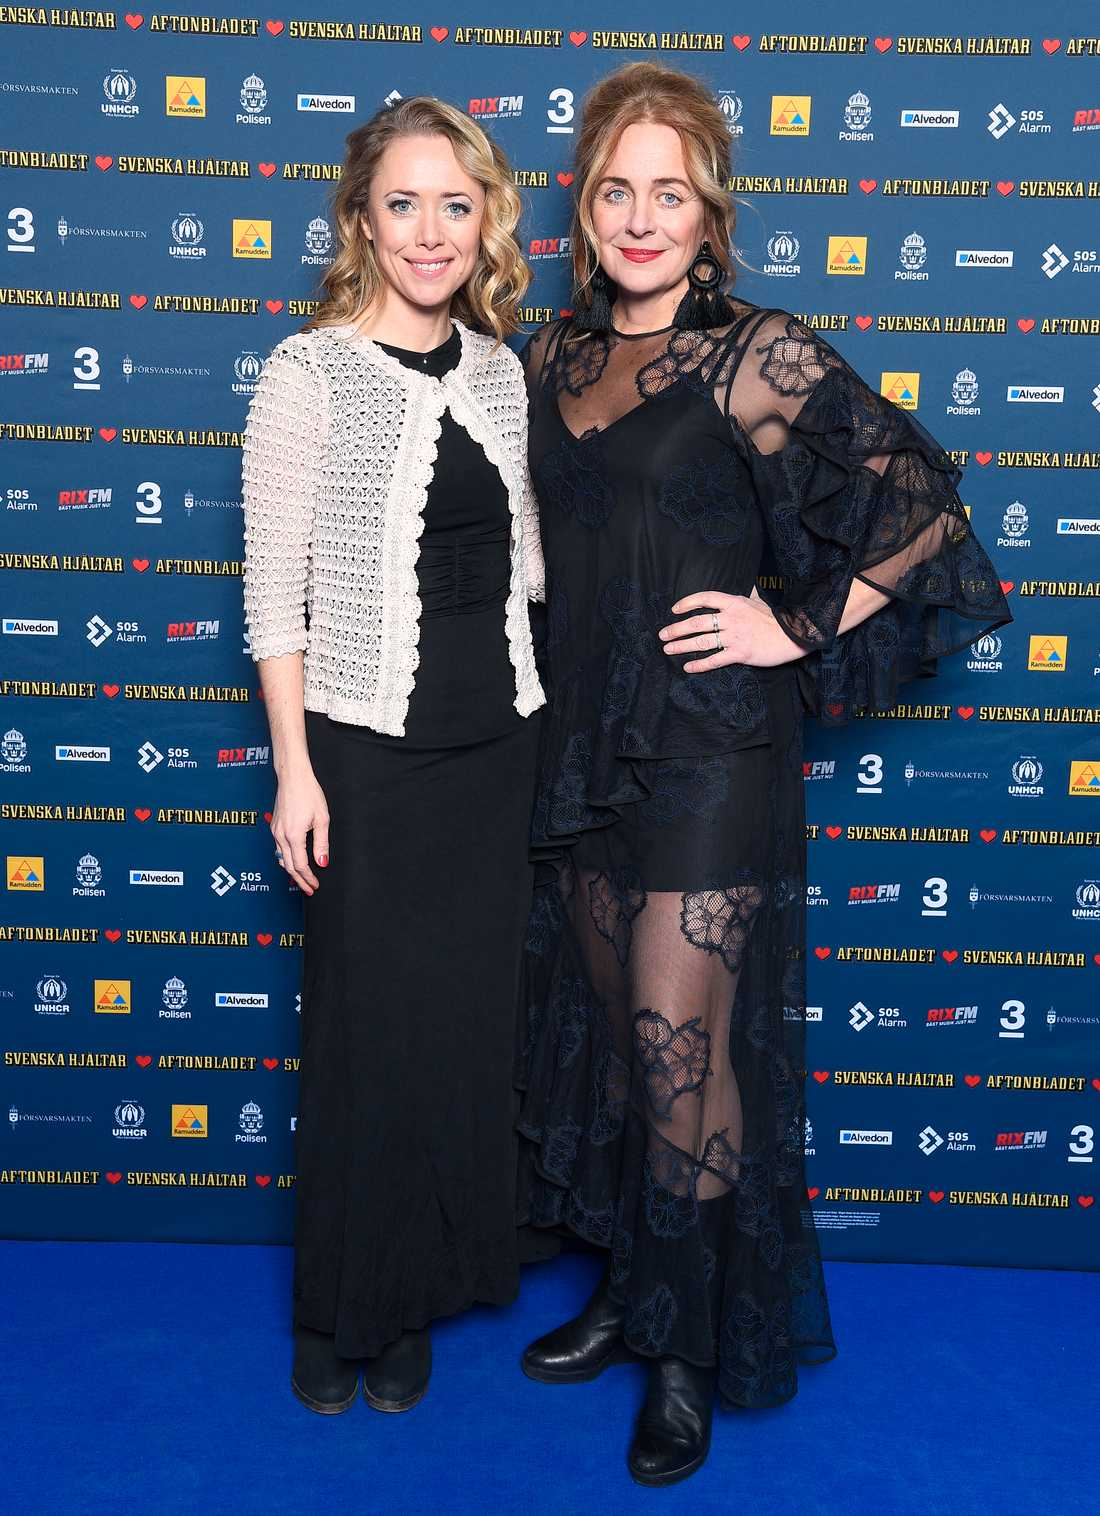 Skådespelerskan Lia Boysen tillsammans med sin syster Rakel Hatz.